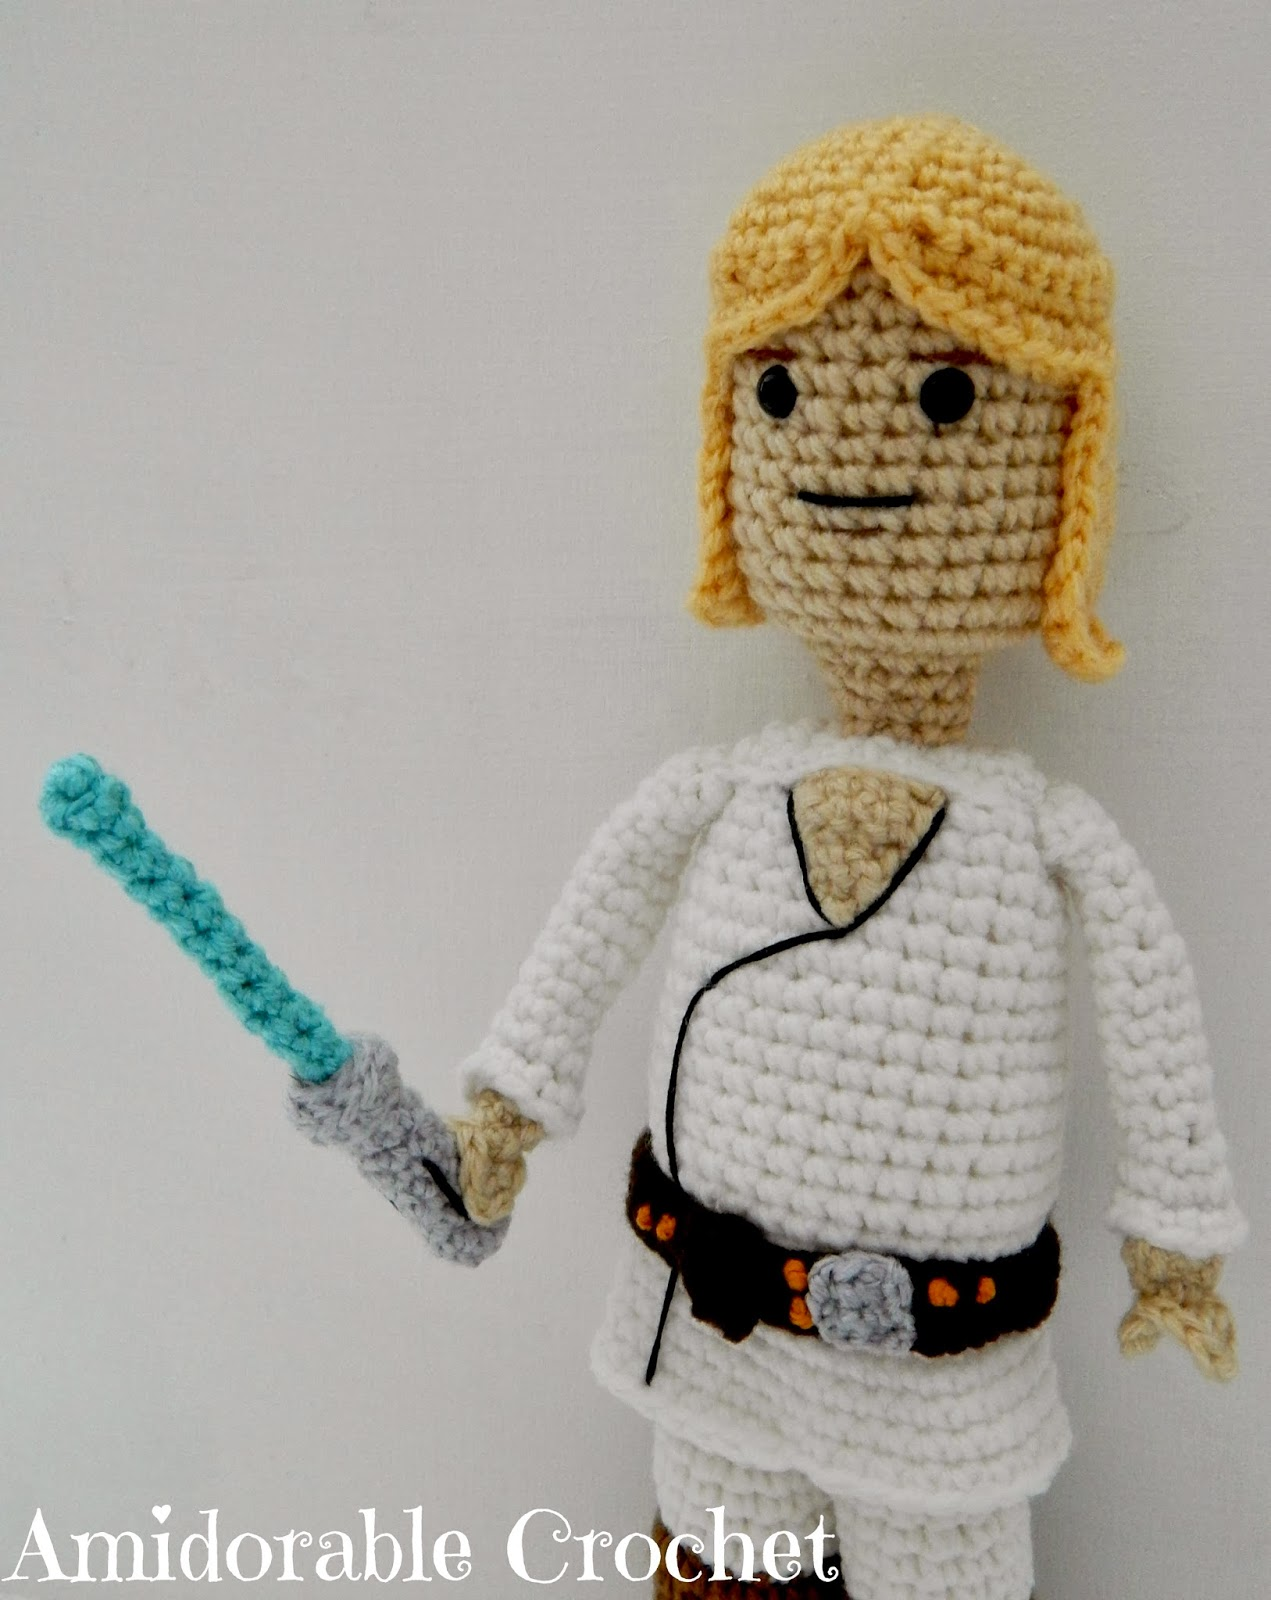 Amigurumi Lego Man : A[mi]dorable Crochet: Luke Skywalker Lego Man Pattern